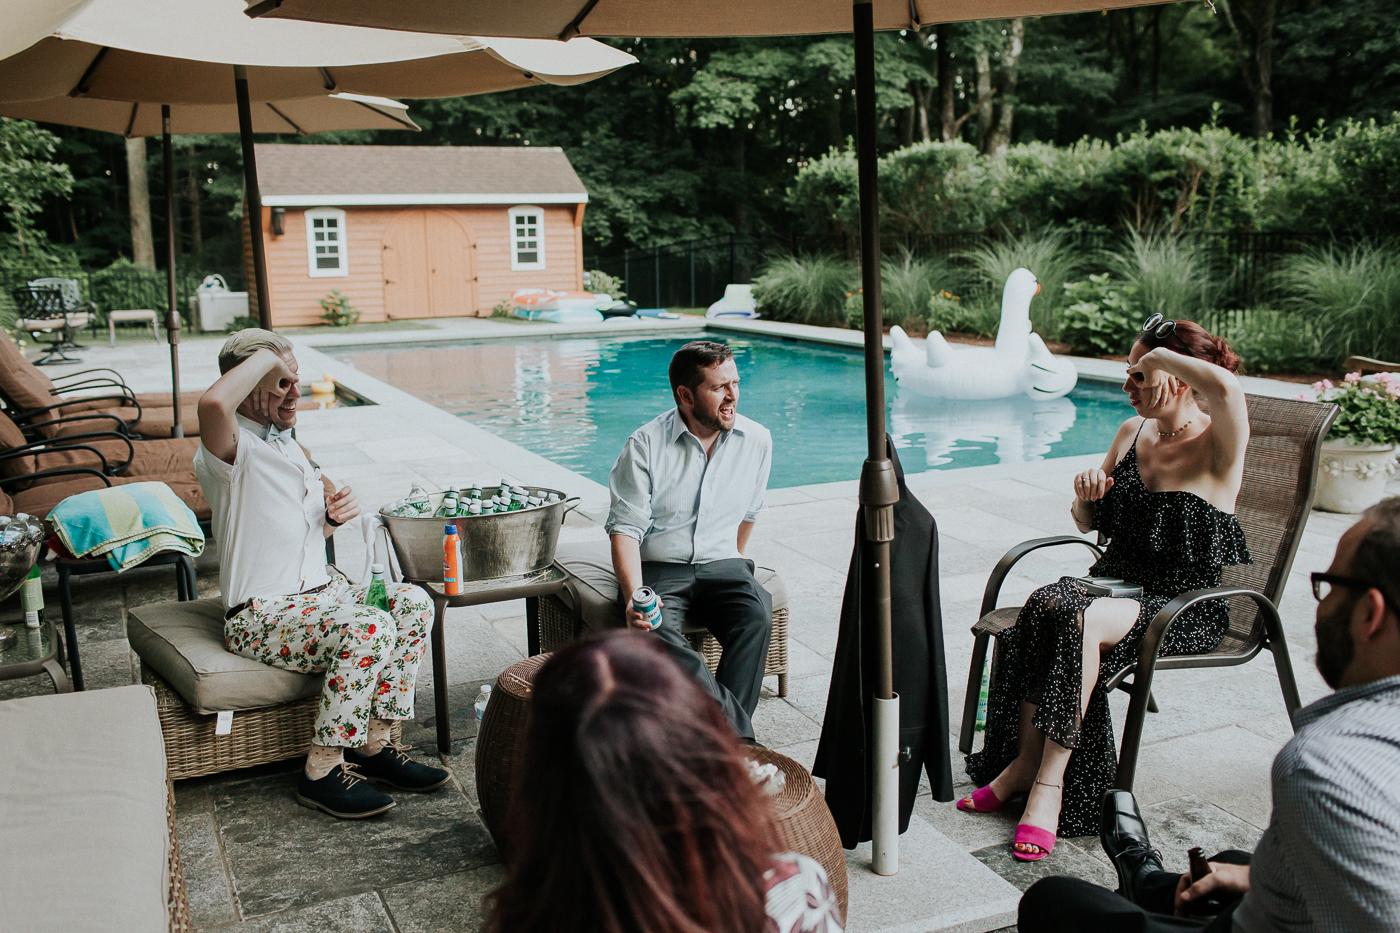 Westchester-New-York-Intimate-Backyard-Garden-Documentary-Wedding-Photographer-20.jpg